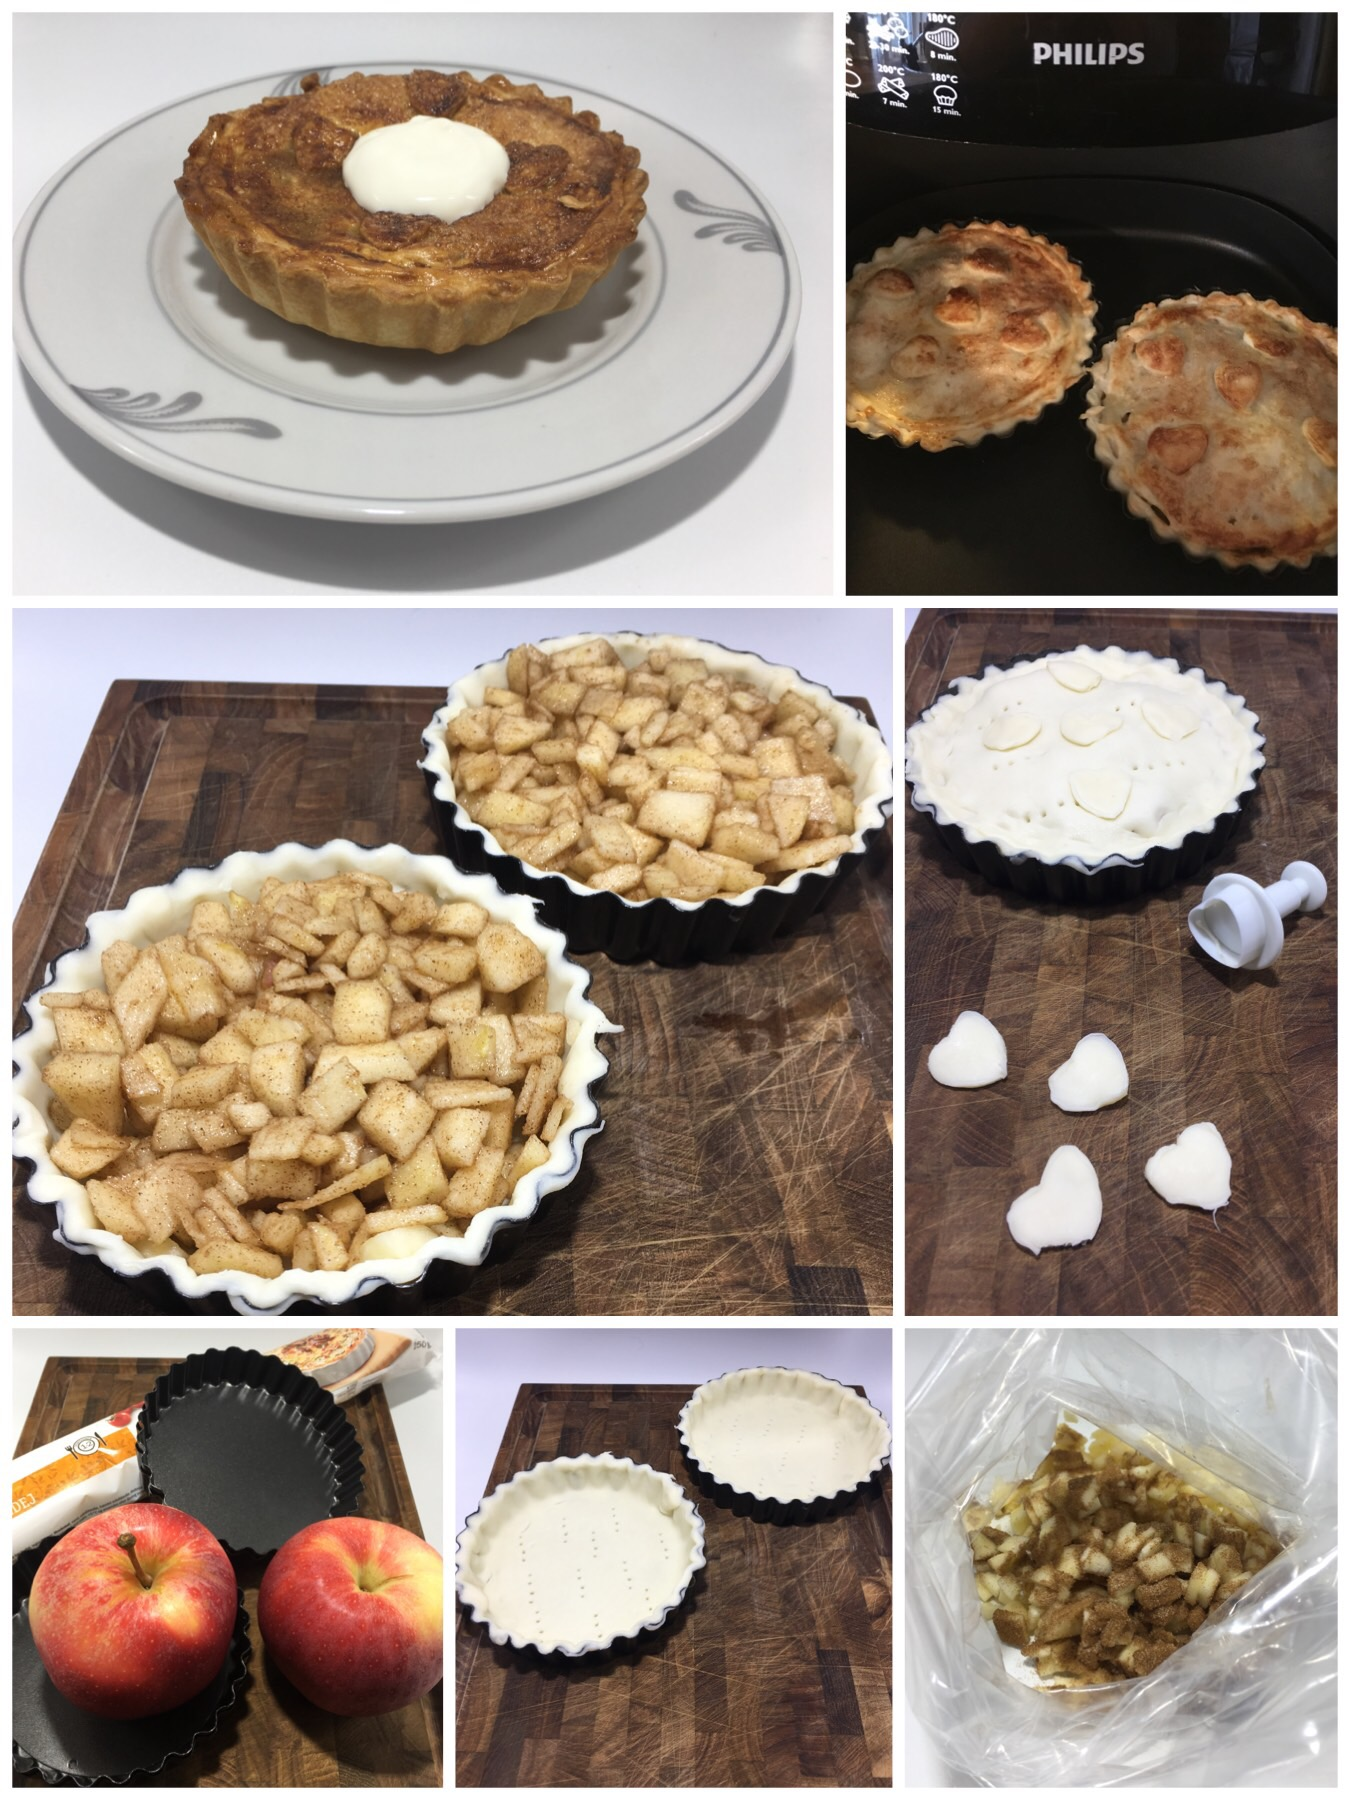 Små tærter med æble og kanel